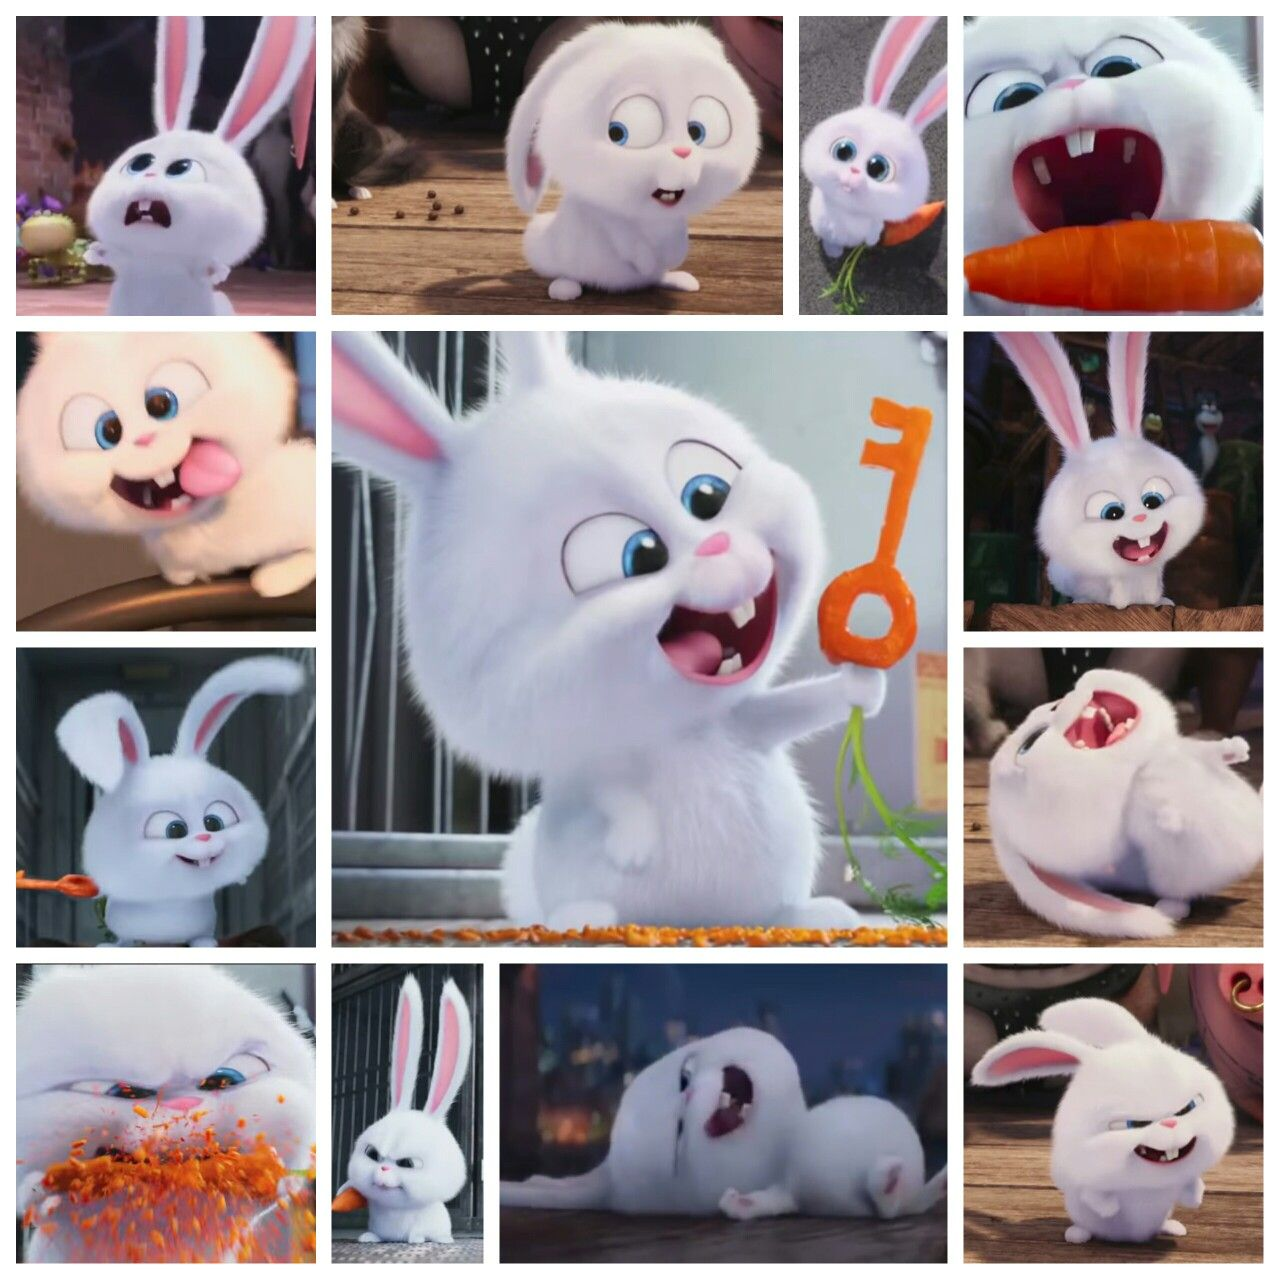 Secret Life Of Pets Snowball Collage La Vida Secreta De Tus Mascotas Pinturas De Gato Dibujo De Conejitos